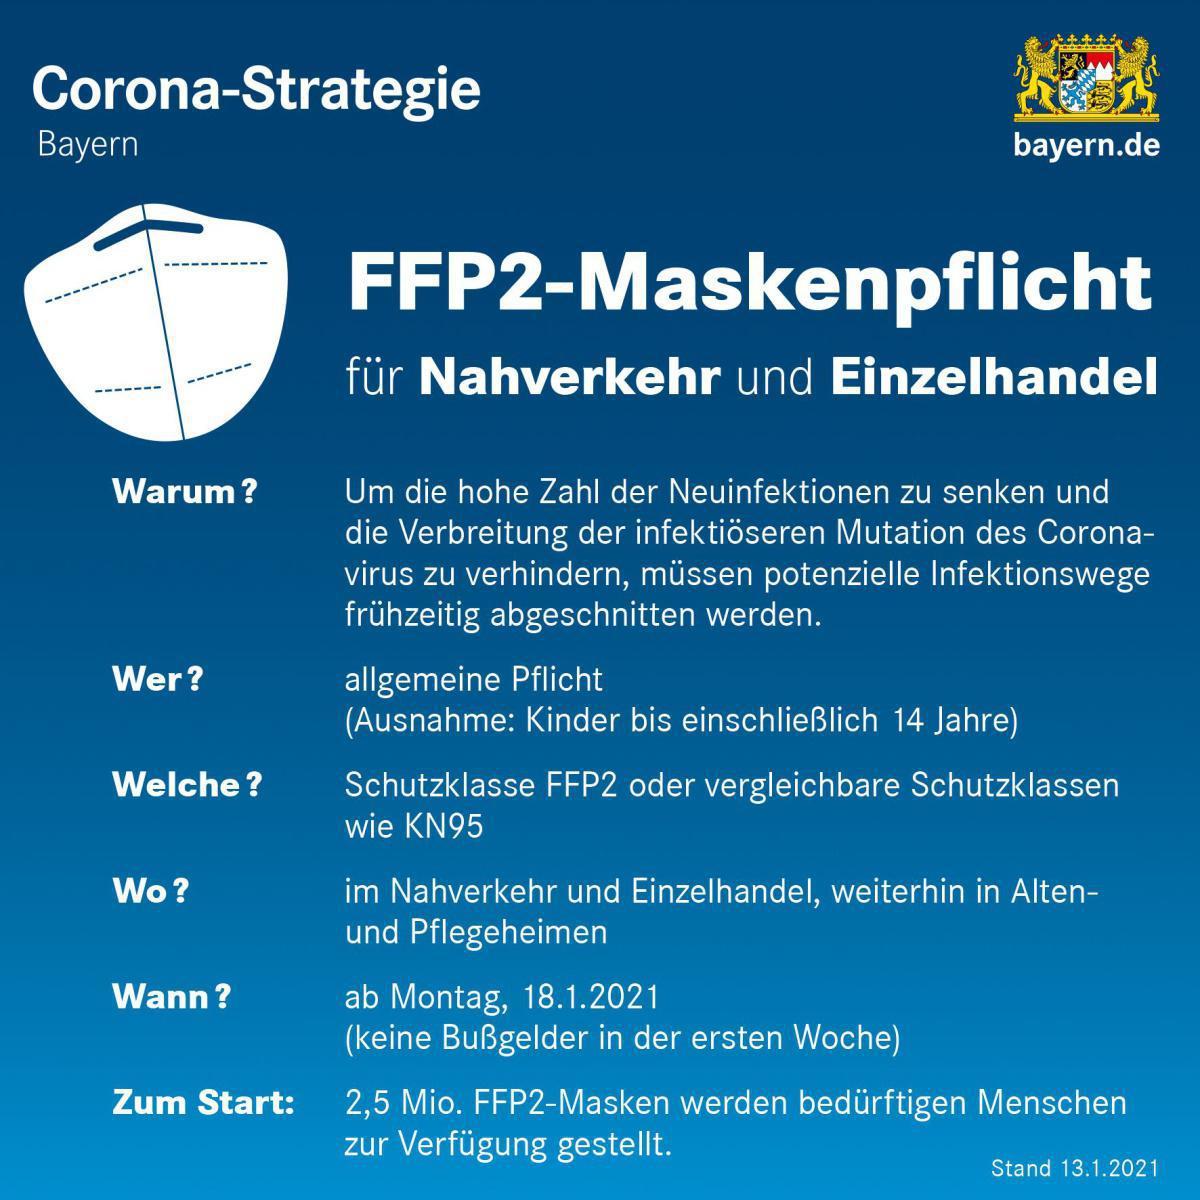 Bitte beachten: FFP2-Maskenpflicht für den Nahverkehr und den Einzelhandel 😷😷😷